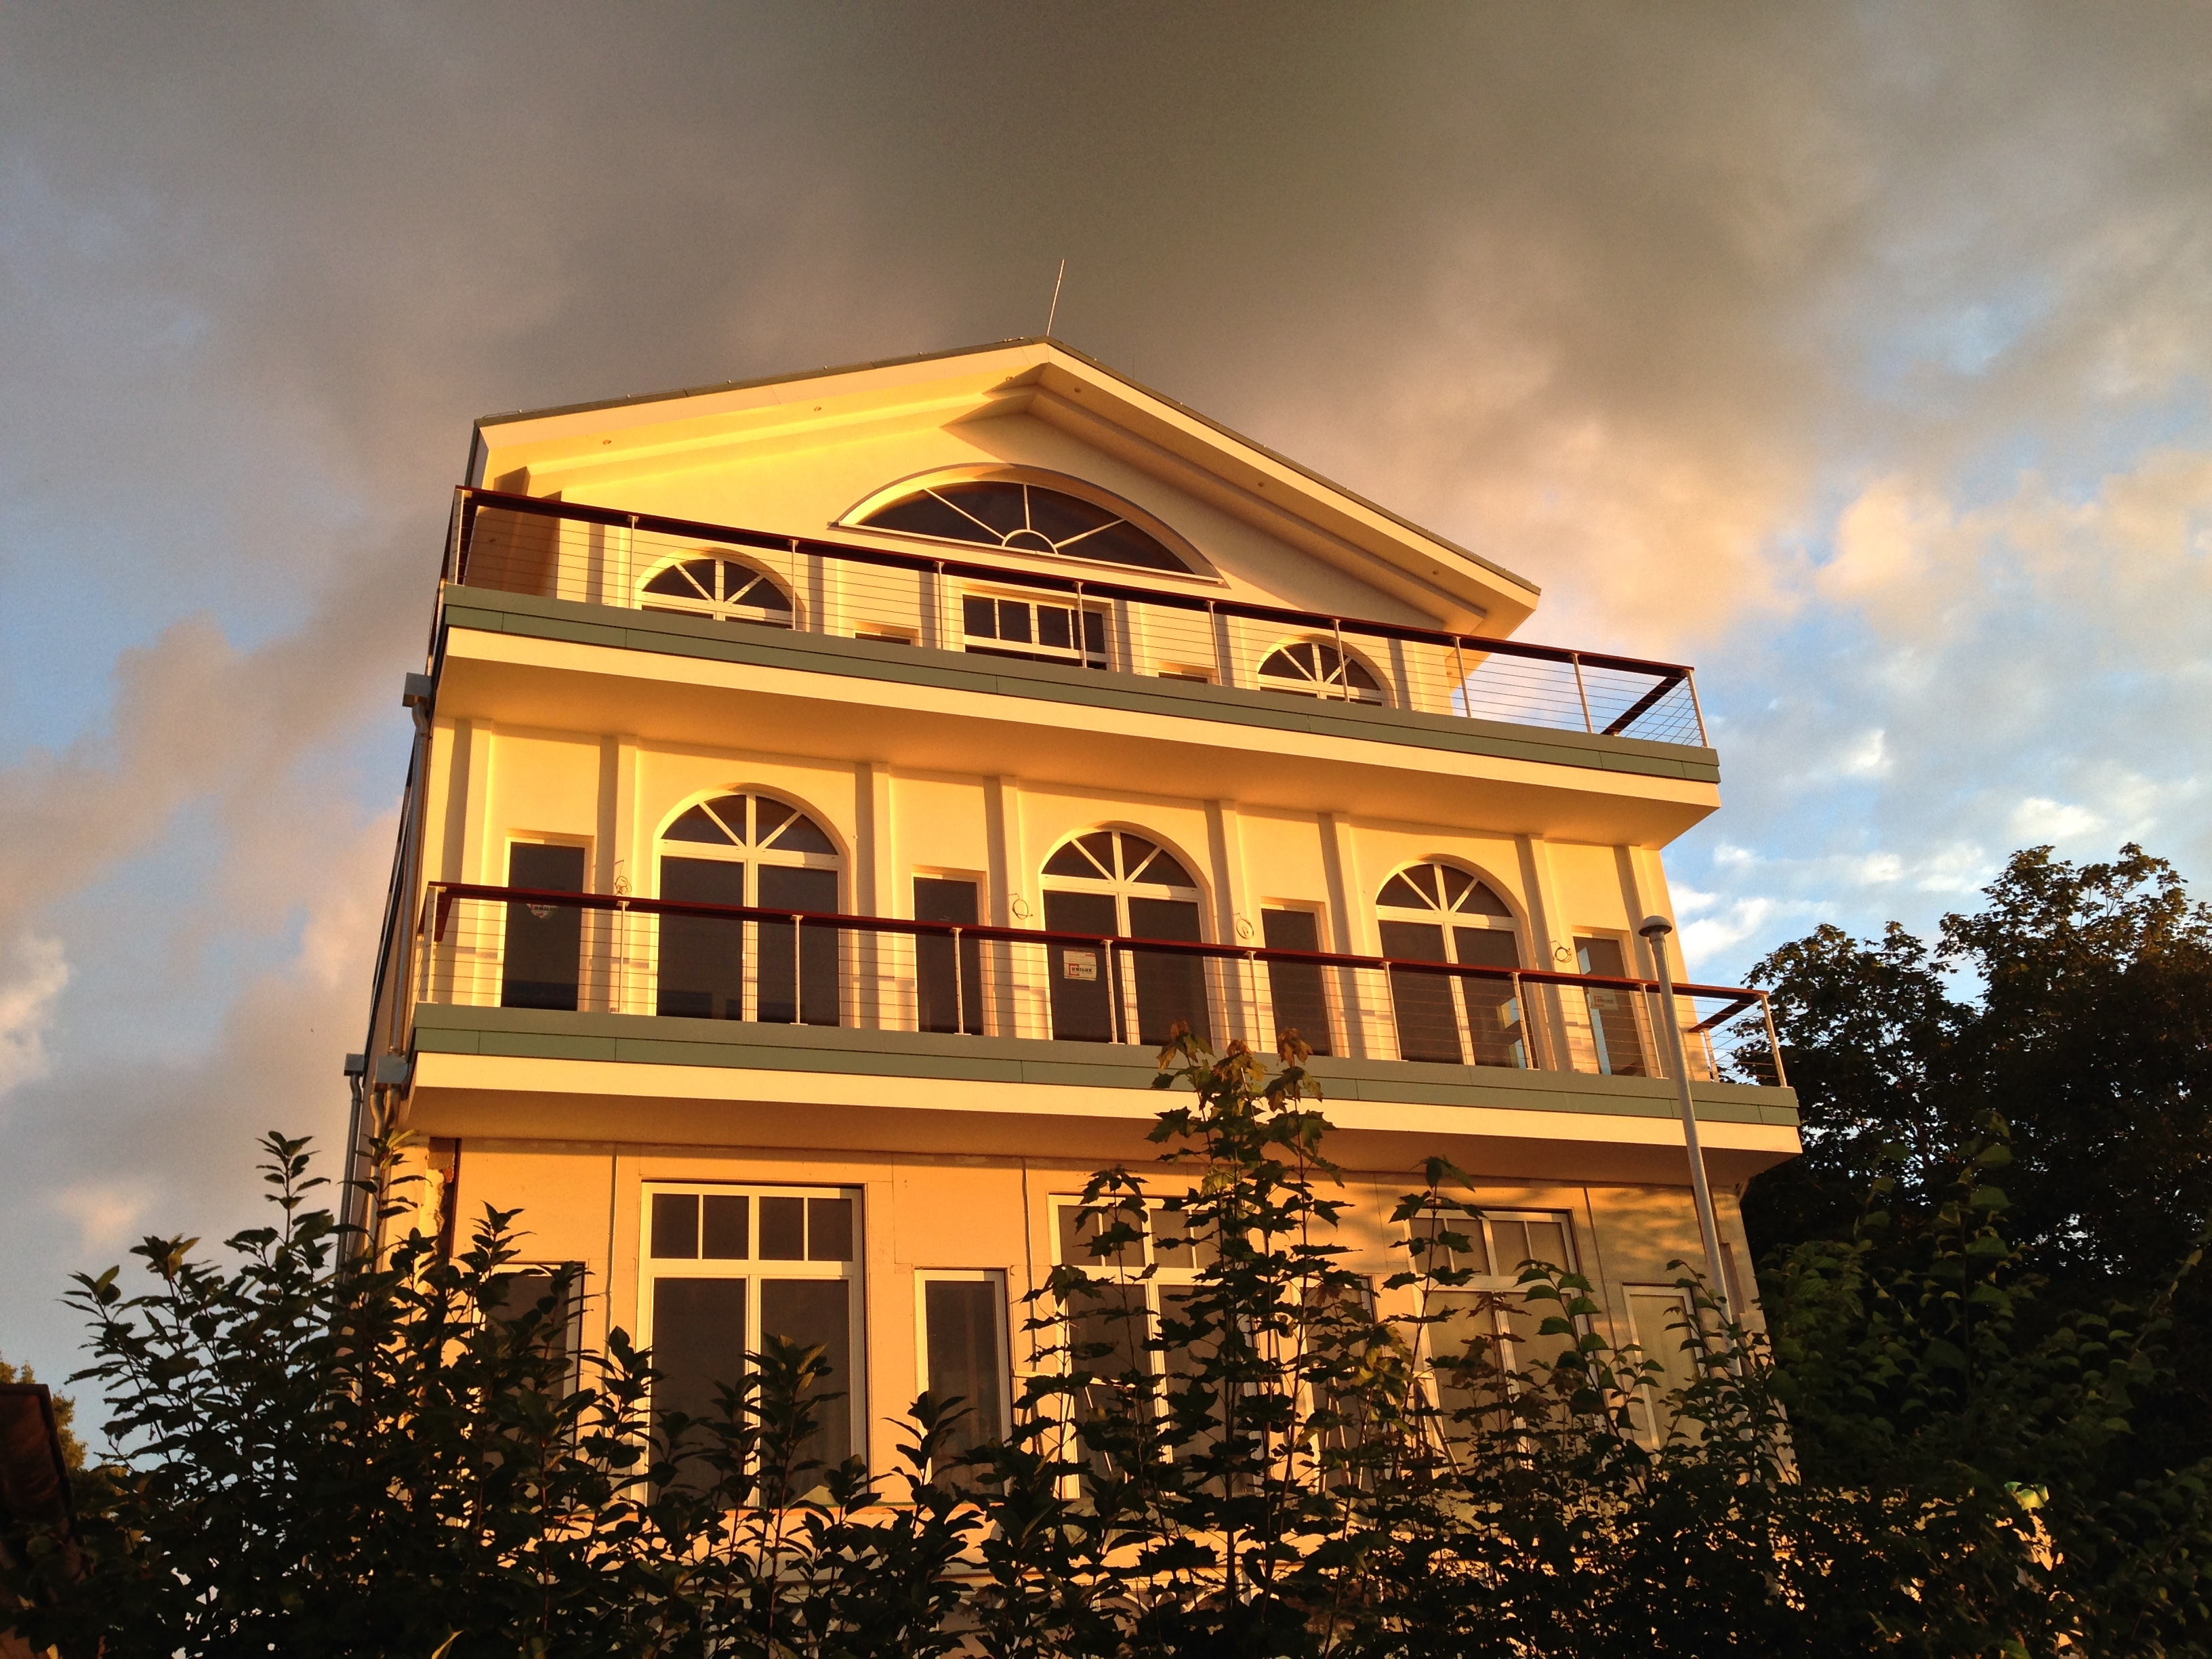 Promenade_Sonnenunt